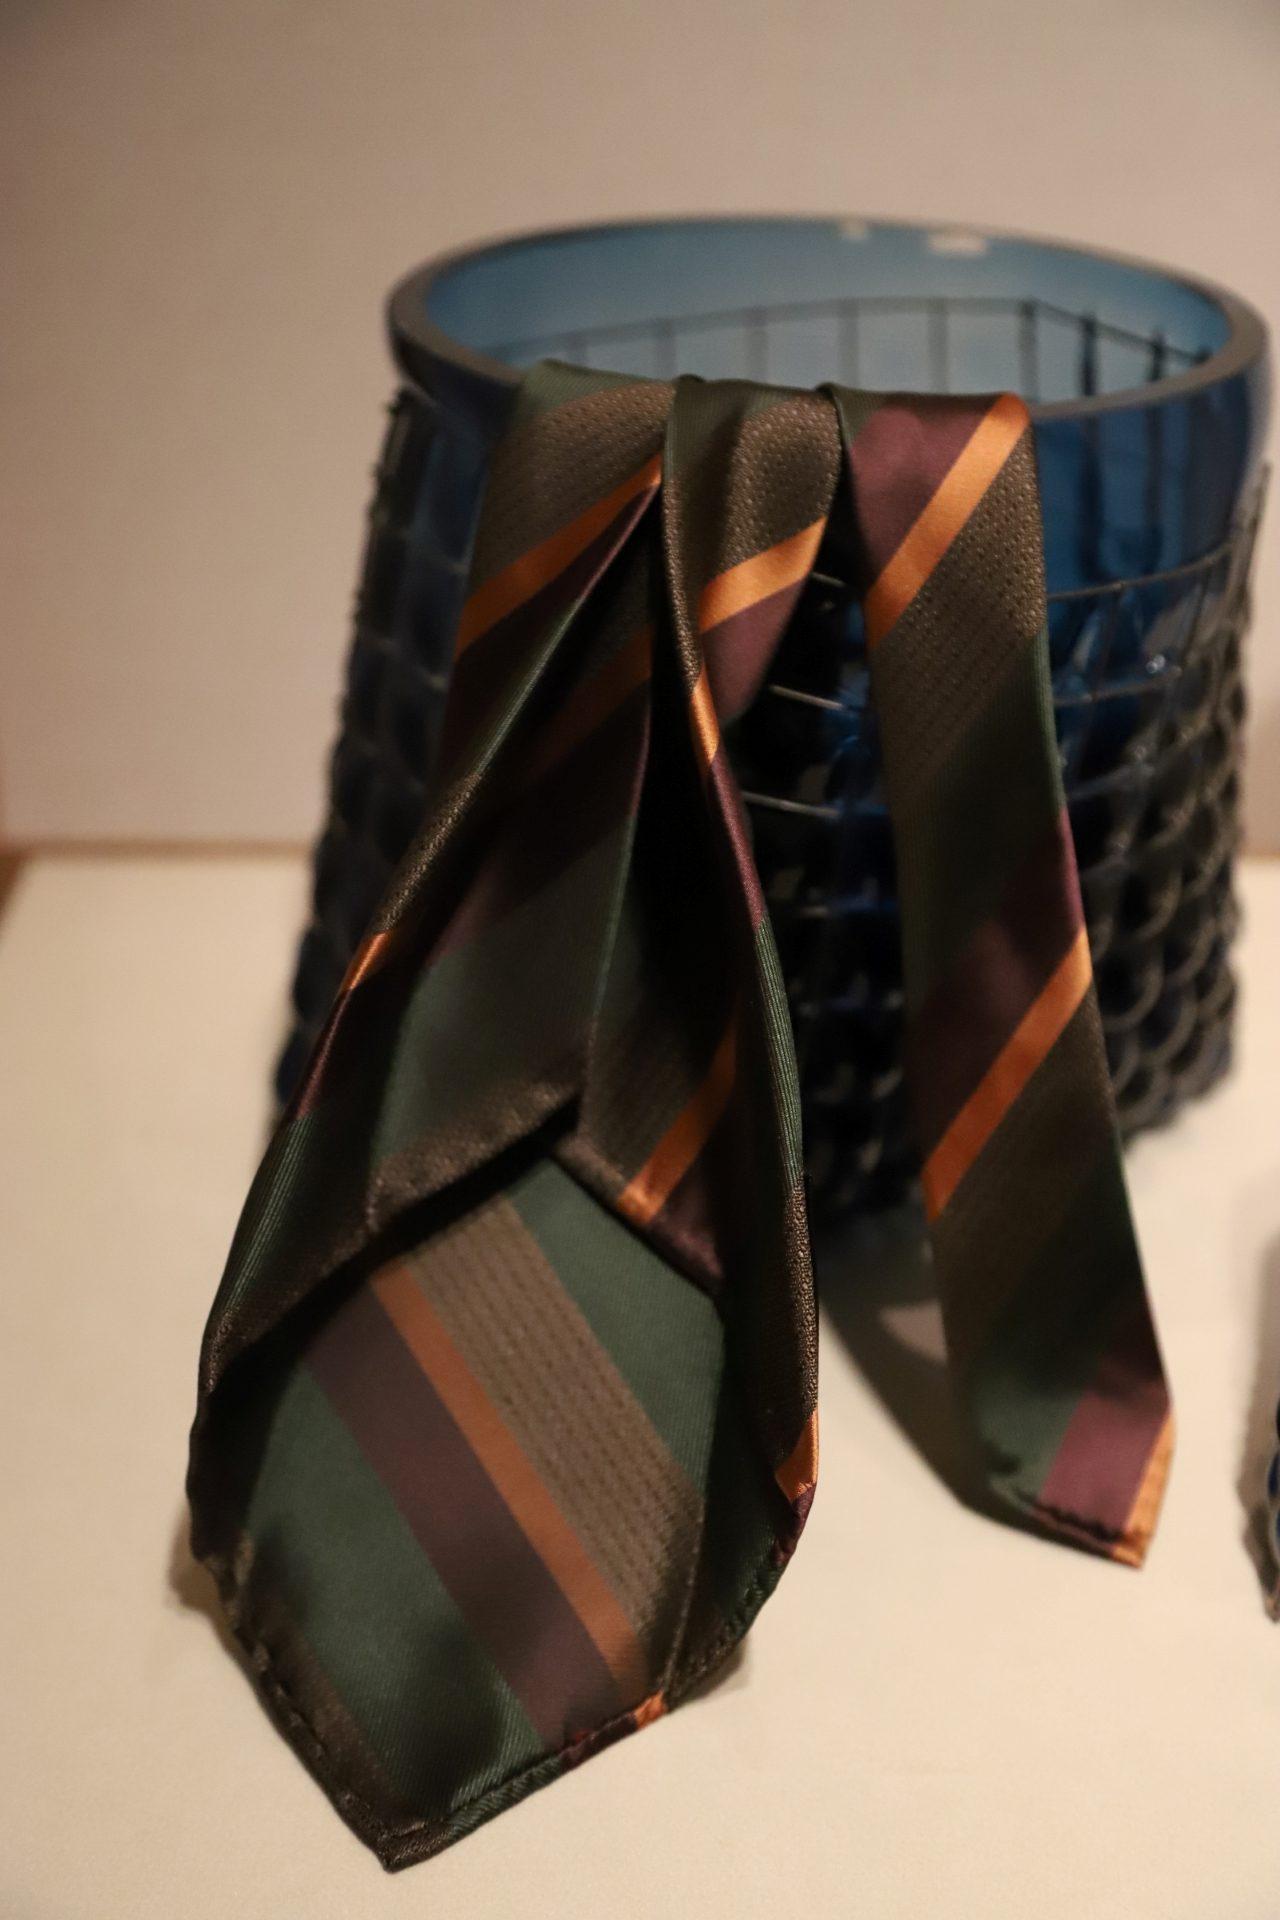 アット ヴァンヌッチ(Atto Vannucci)のブラウンとブラックのセッテピエゲネクタイをご紹介。セッテピエゲのネクタイはクラシックなオーダースーツに合わせる事で、ビジネスシーンの装いをエレガントに演出します。